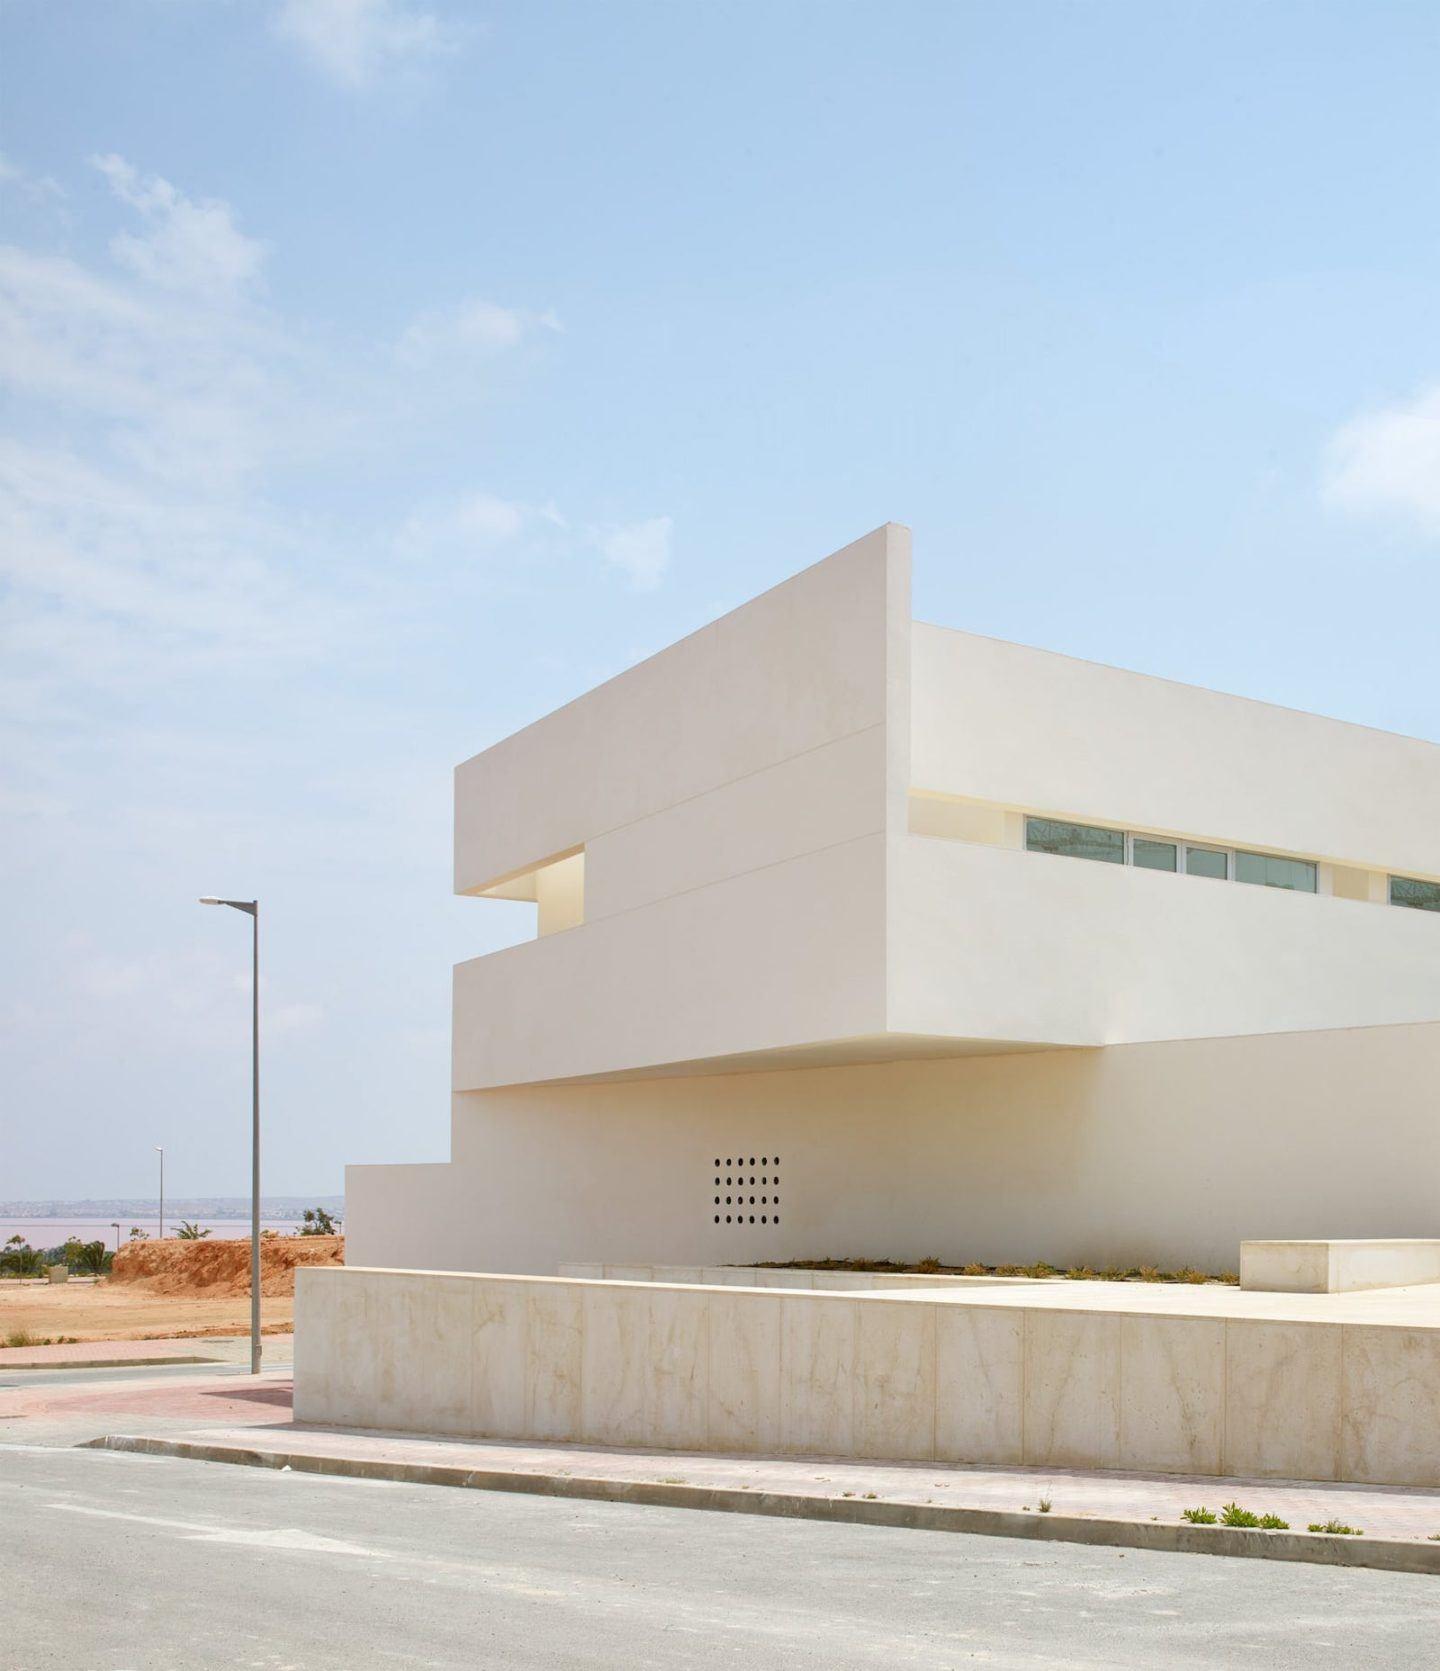 lGNANT-Architecture-Balzar-Arquitectos-Mirasal-006